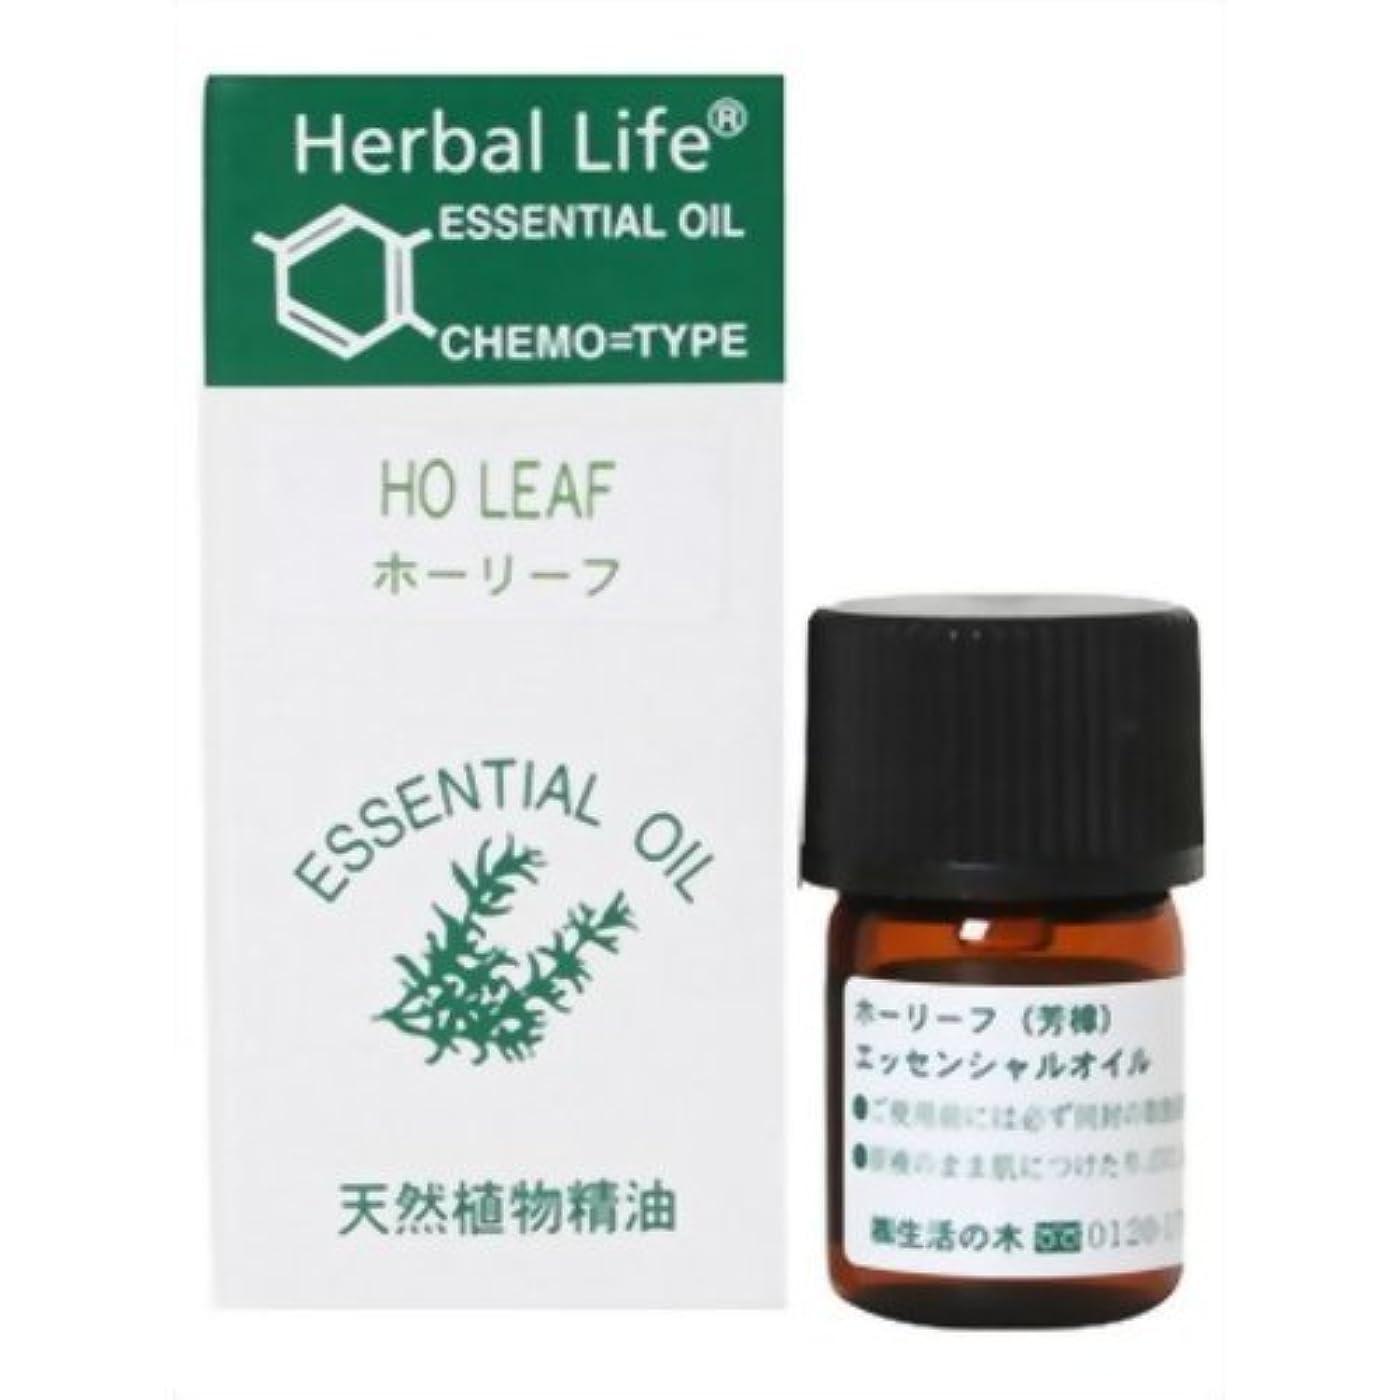 心からカフェ捧げる生活の木 Herbal Life ホーリーフ 3ml